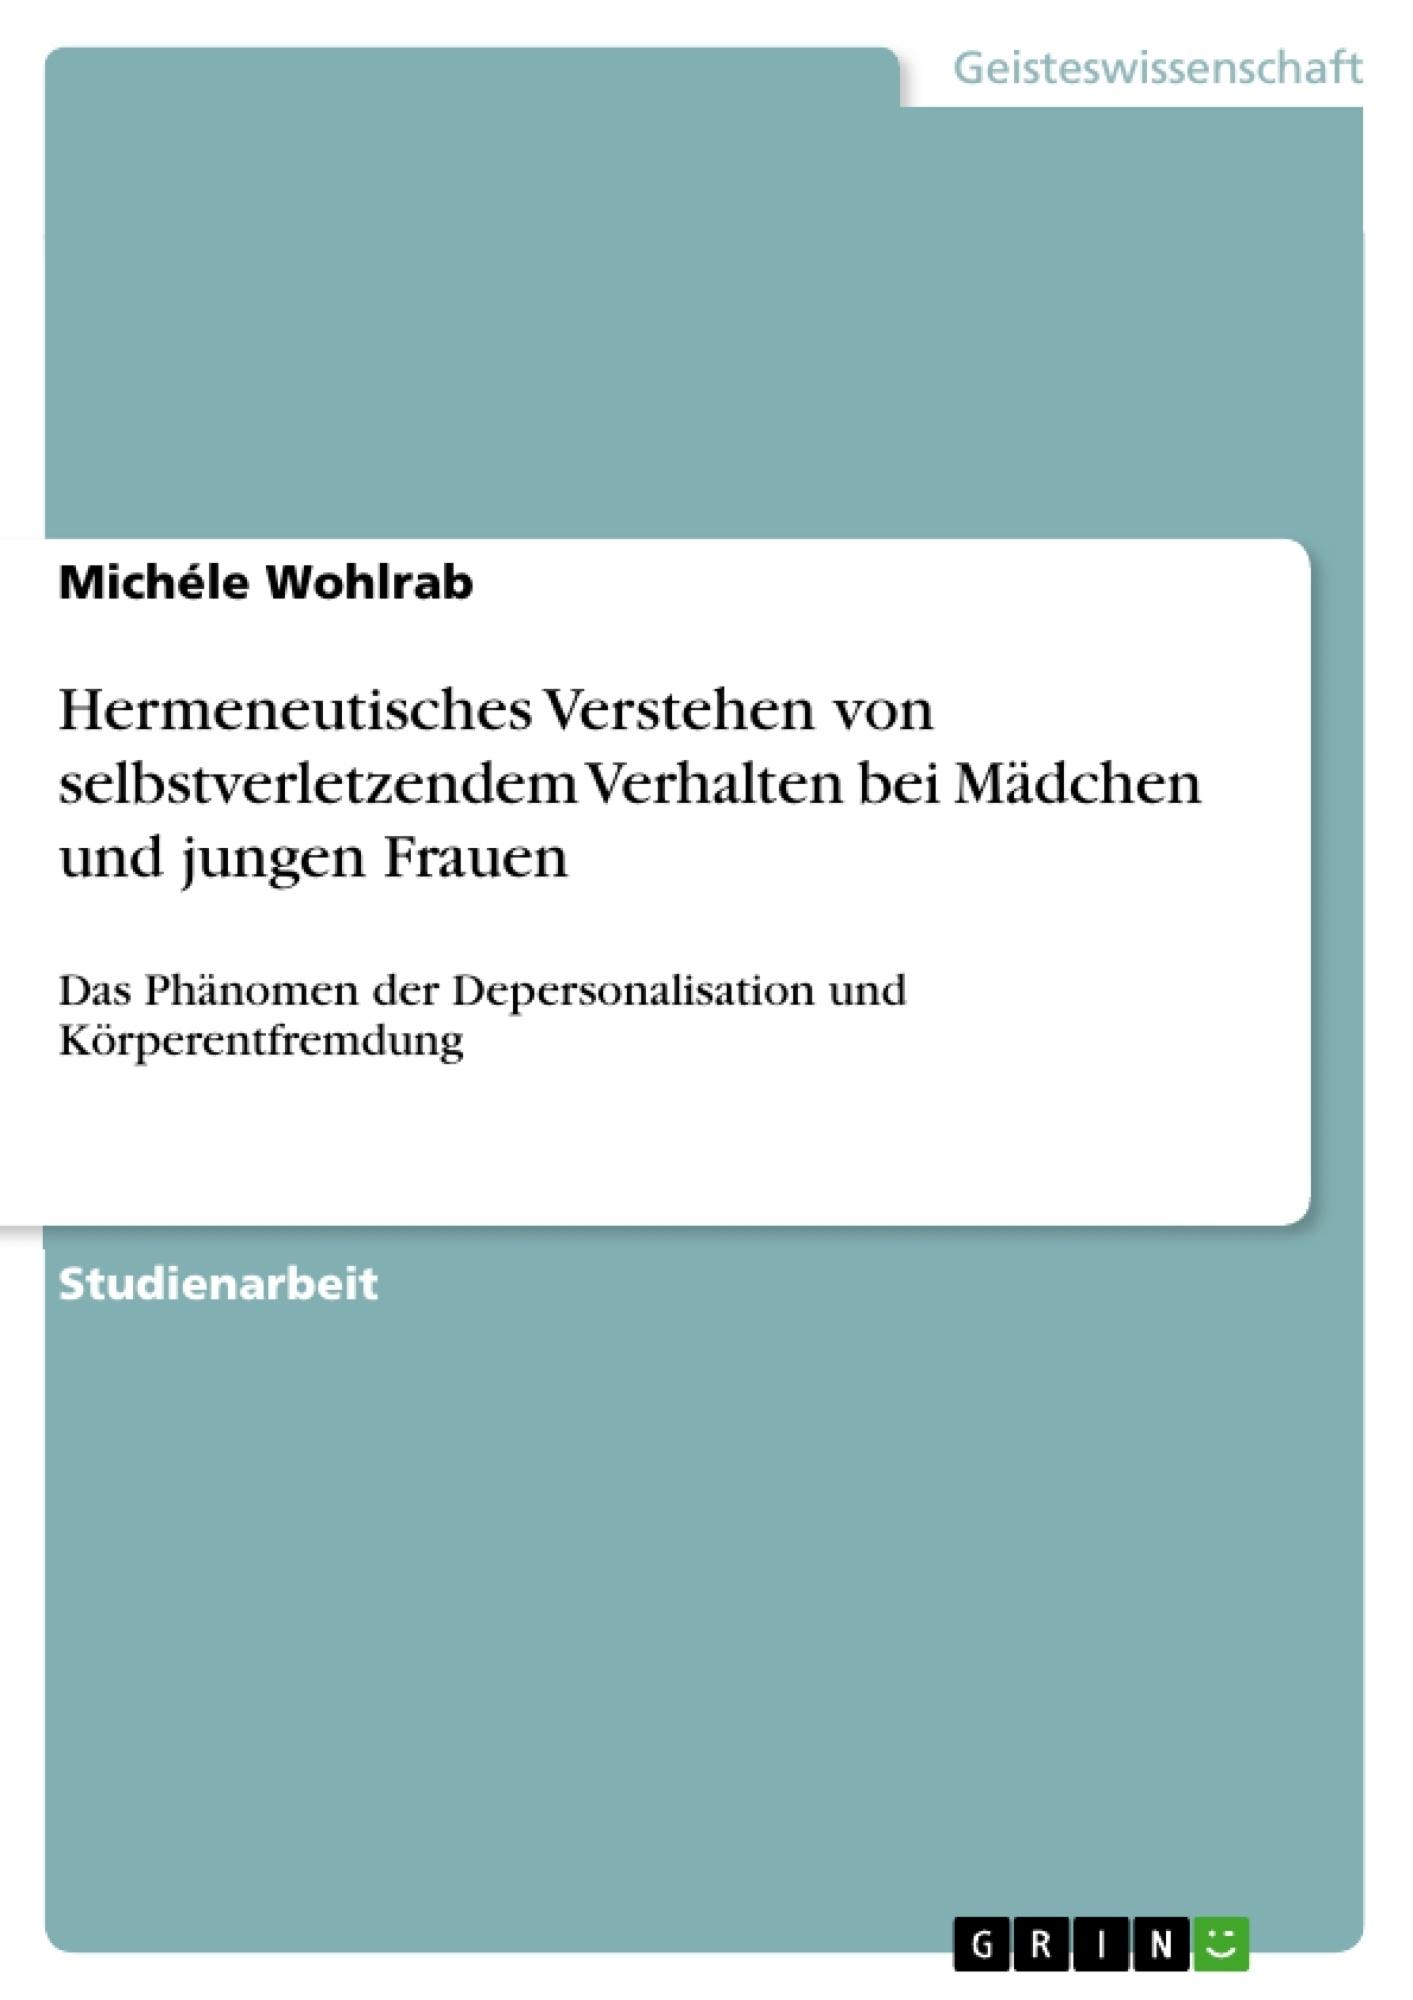 Titel: Hermeneutisches Verstehen von selbstverletzendem Verhalten bei Mädchen und jungen Frauen